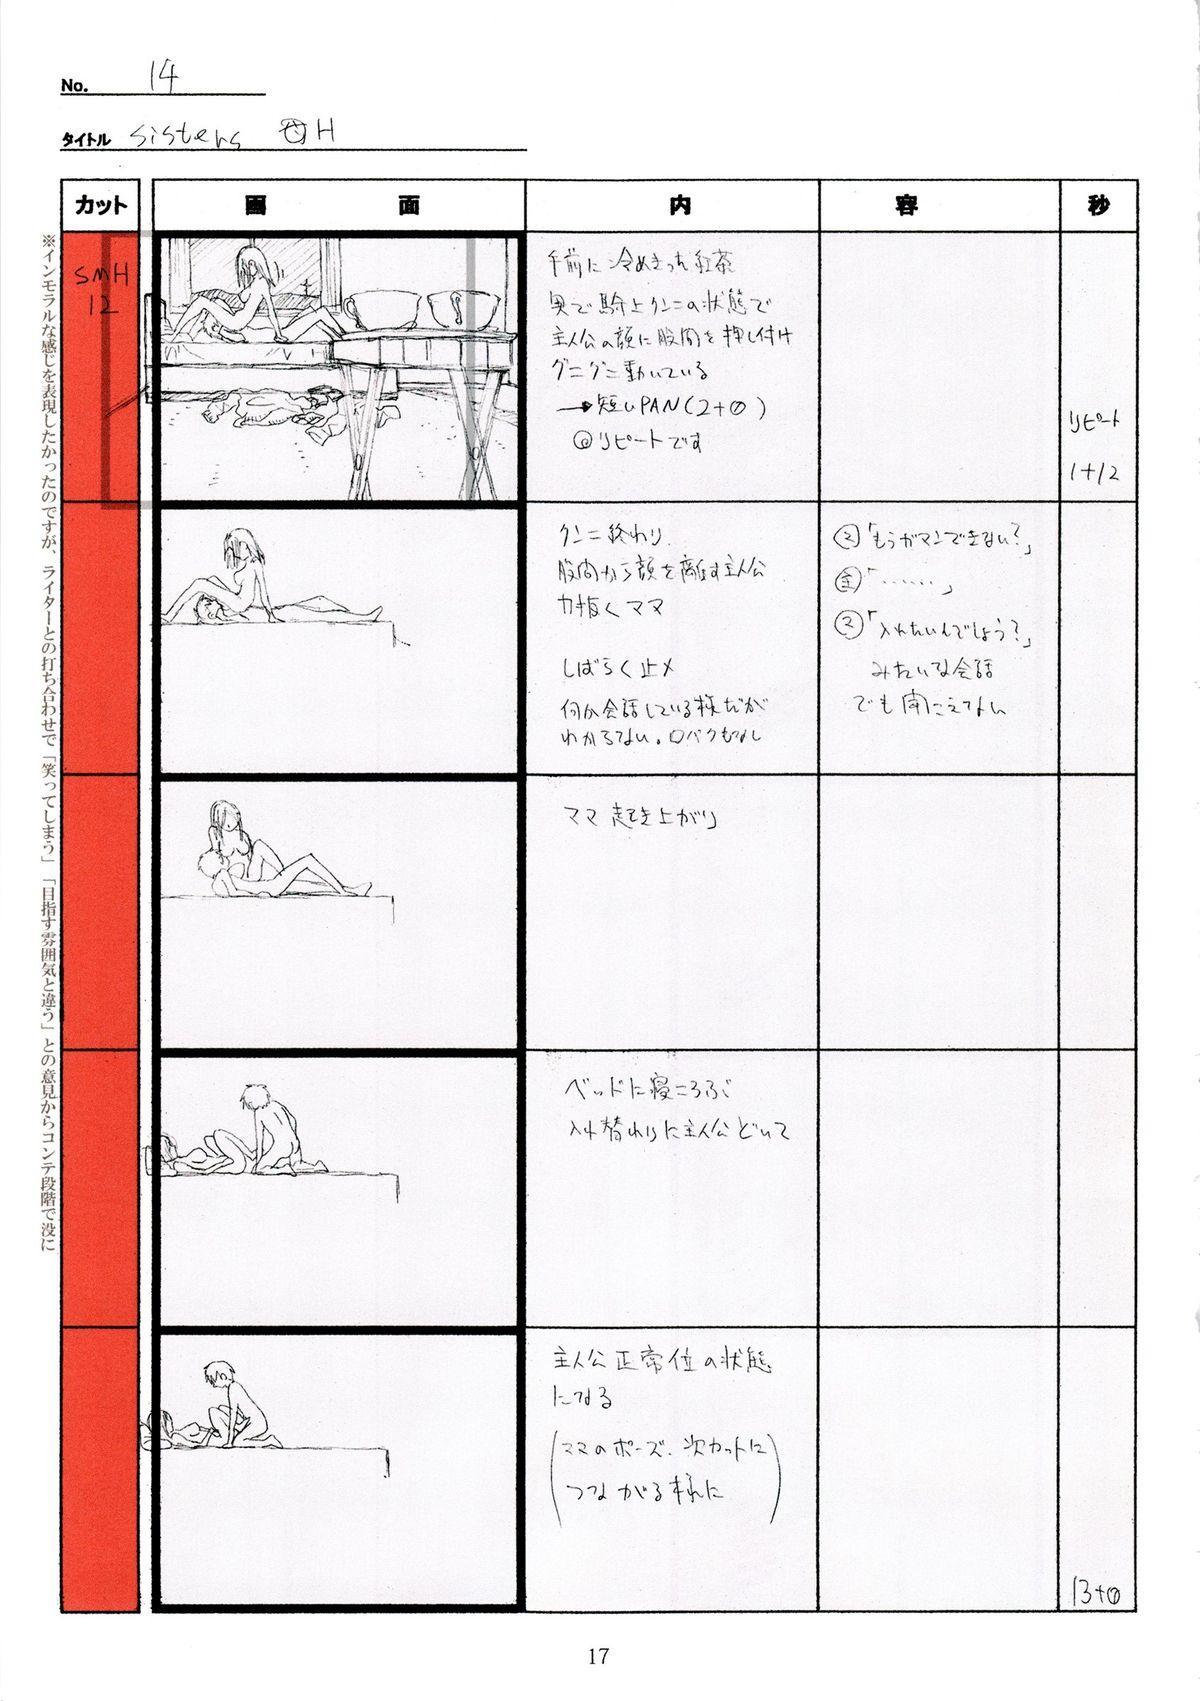 (C89) [Makino Jimusho (Taki Minashika)] SISTERS -Natsu no Saigo no Hi- H Scene All Part Storyboard (SISTERS -Natsu no Saigo no Hi-) 16